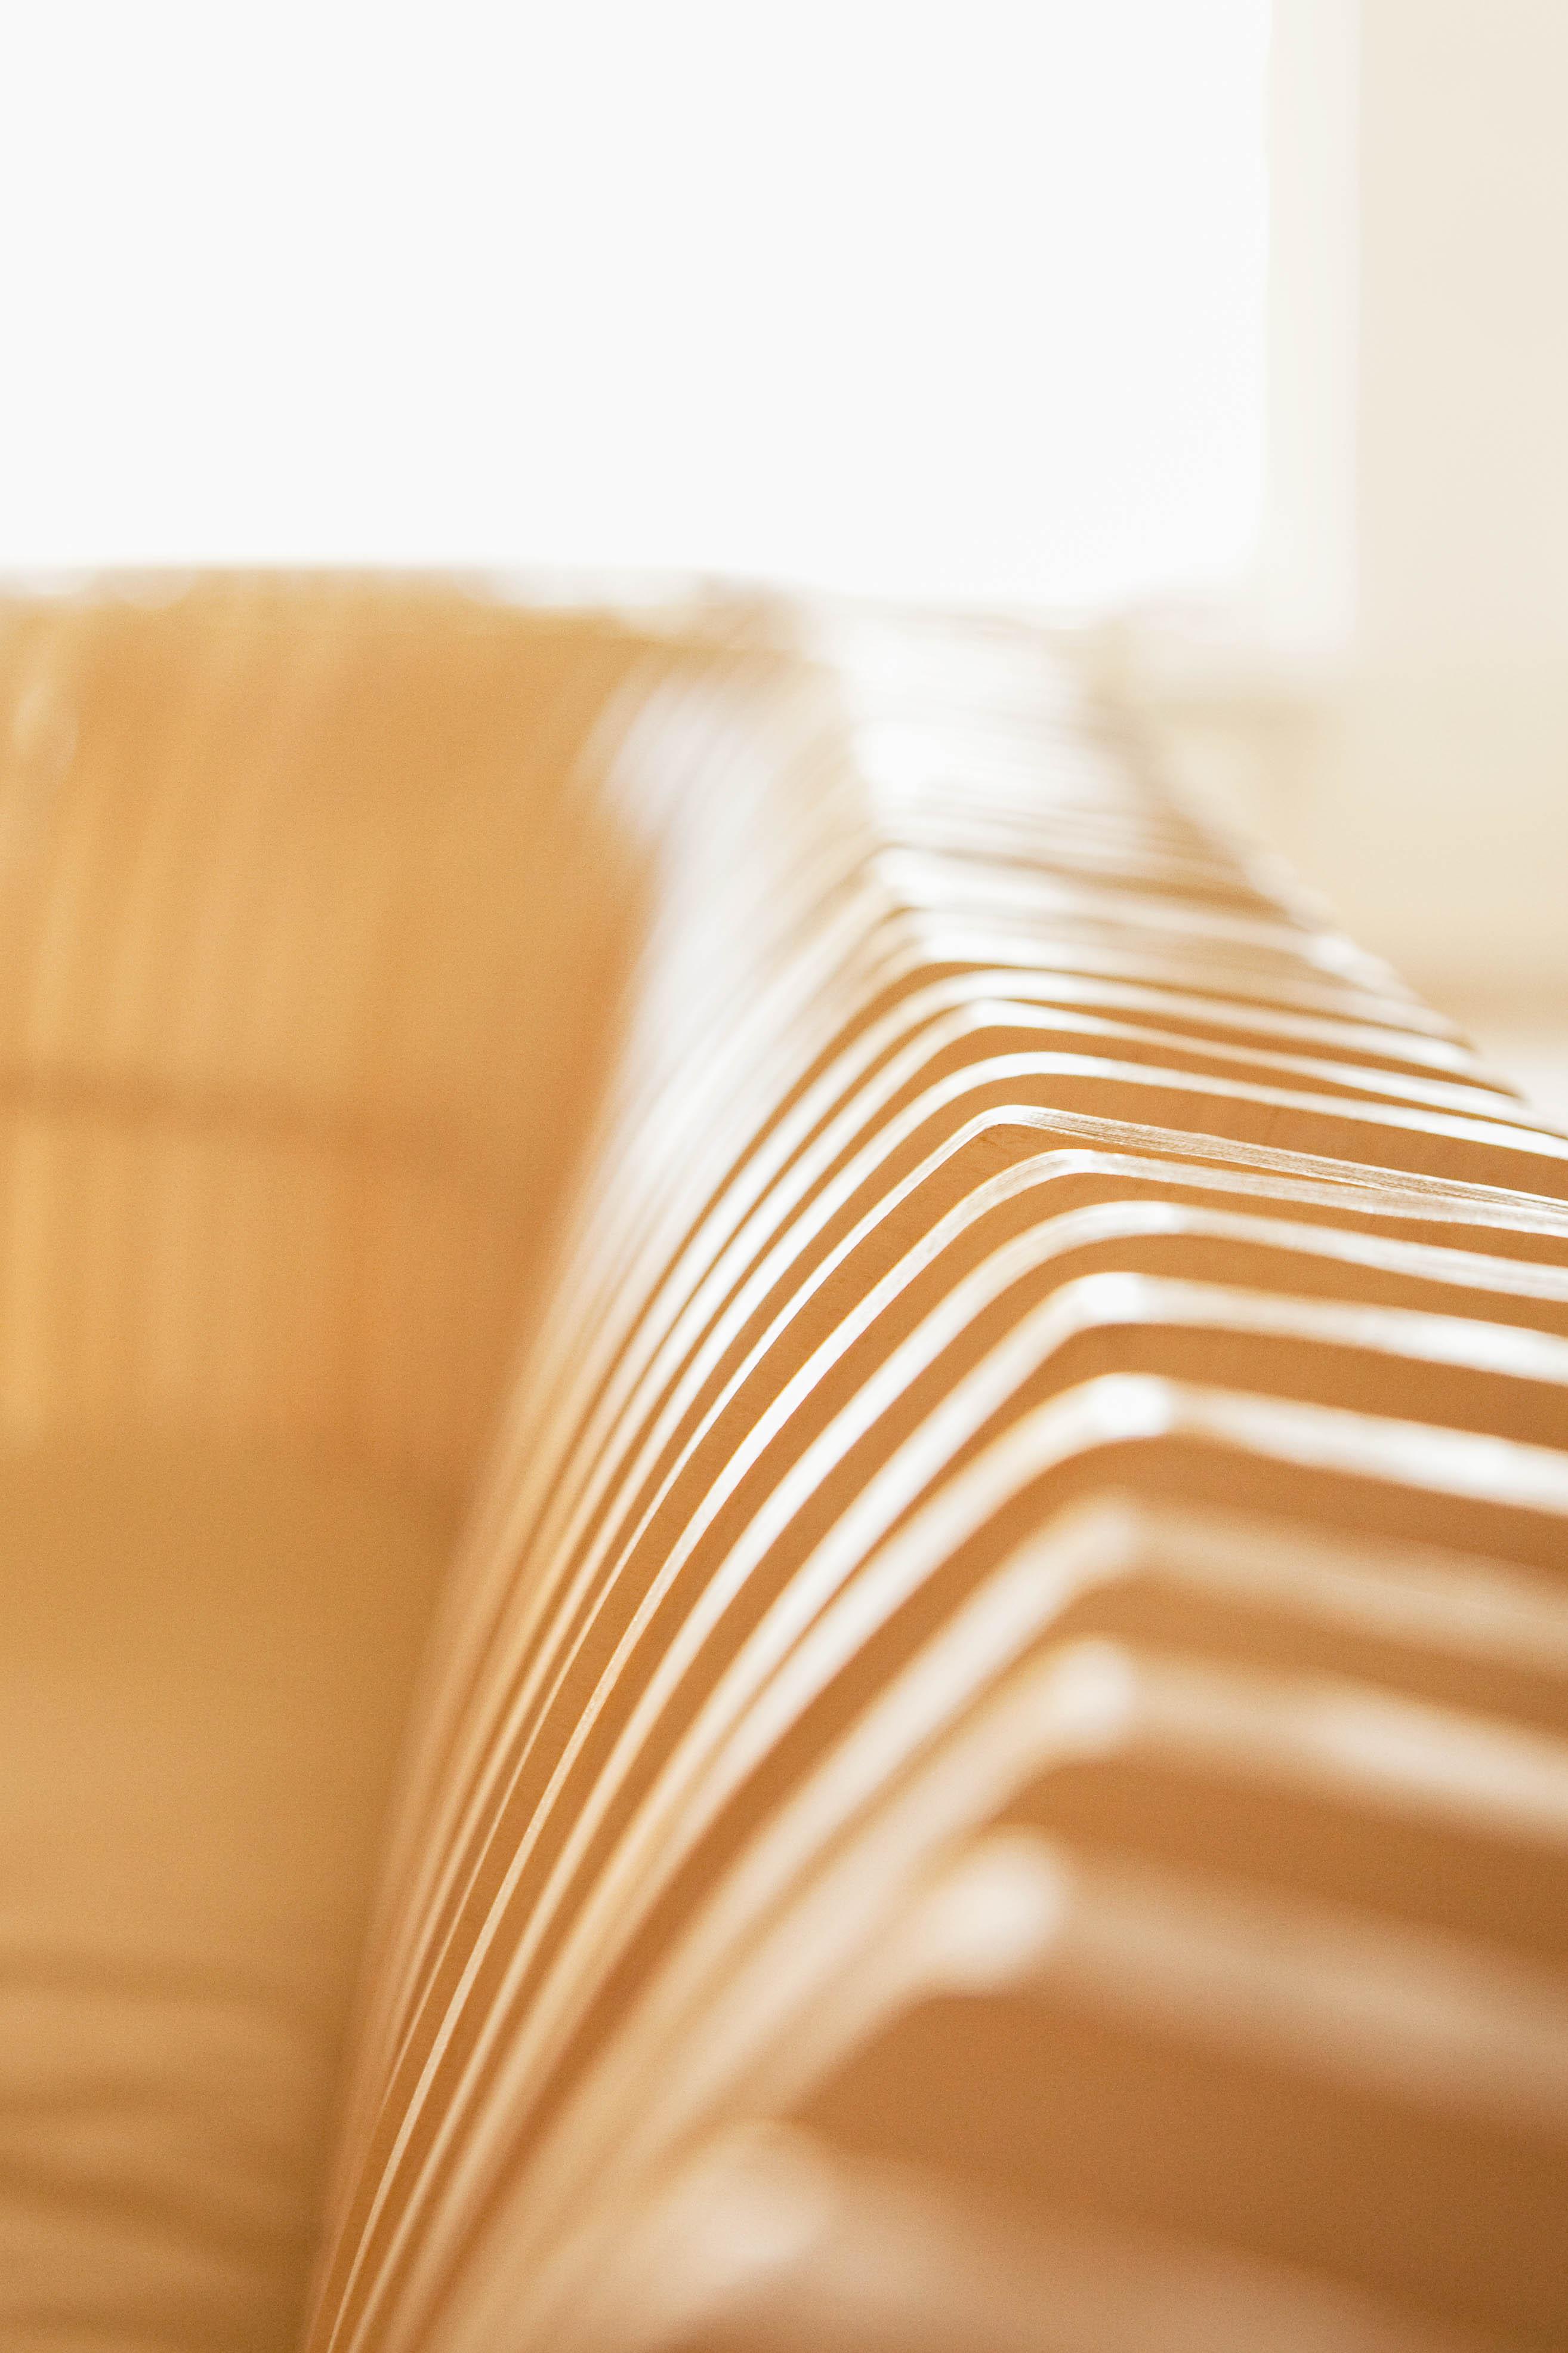 Szezlong / Manufaktura69 Design